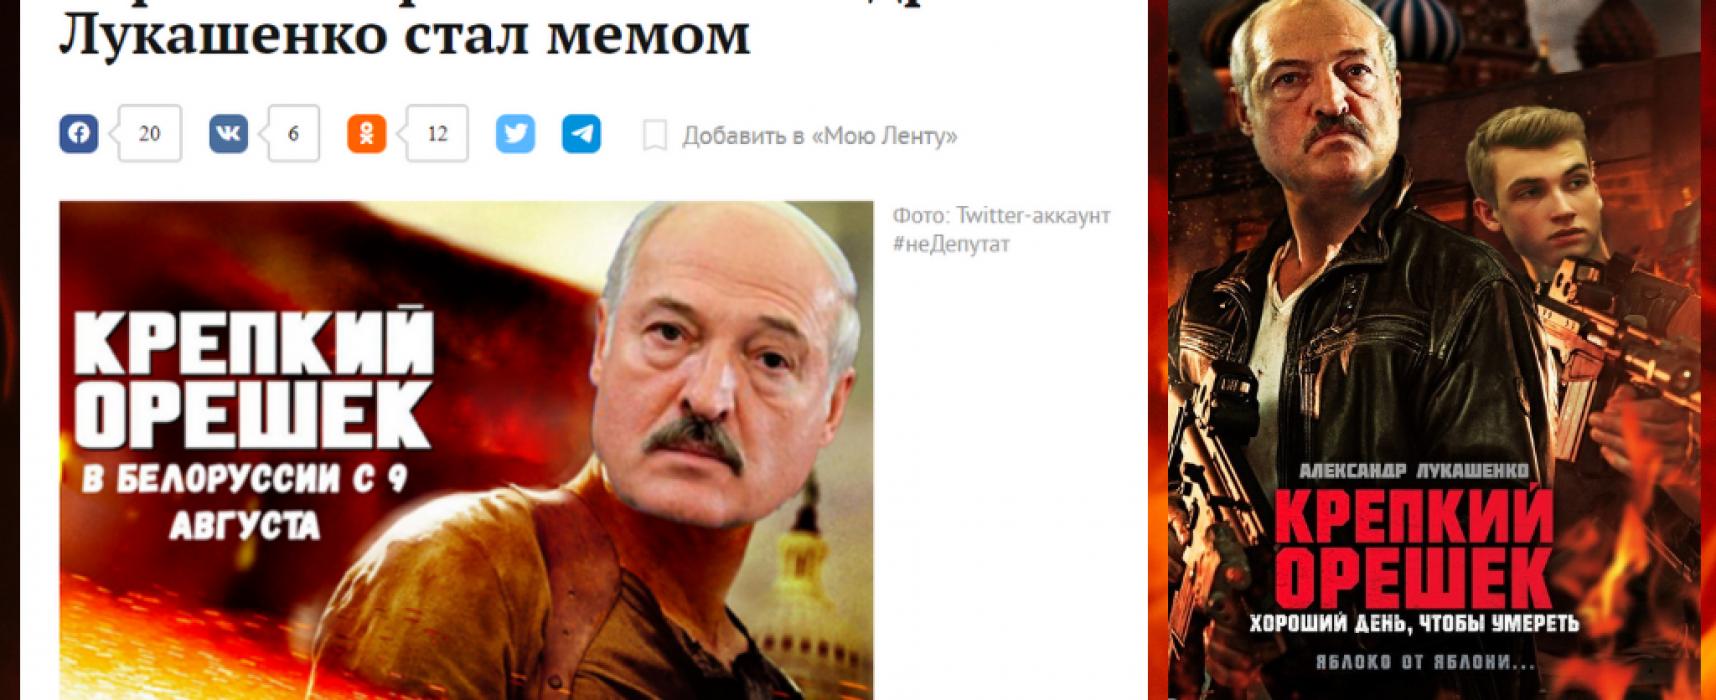 Фейк Александра Лукашенко: Мария Колесникова пыталась сбежать в Украину, но ее выбросили из машины соратники